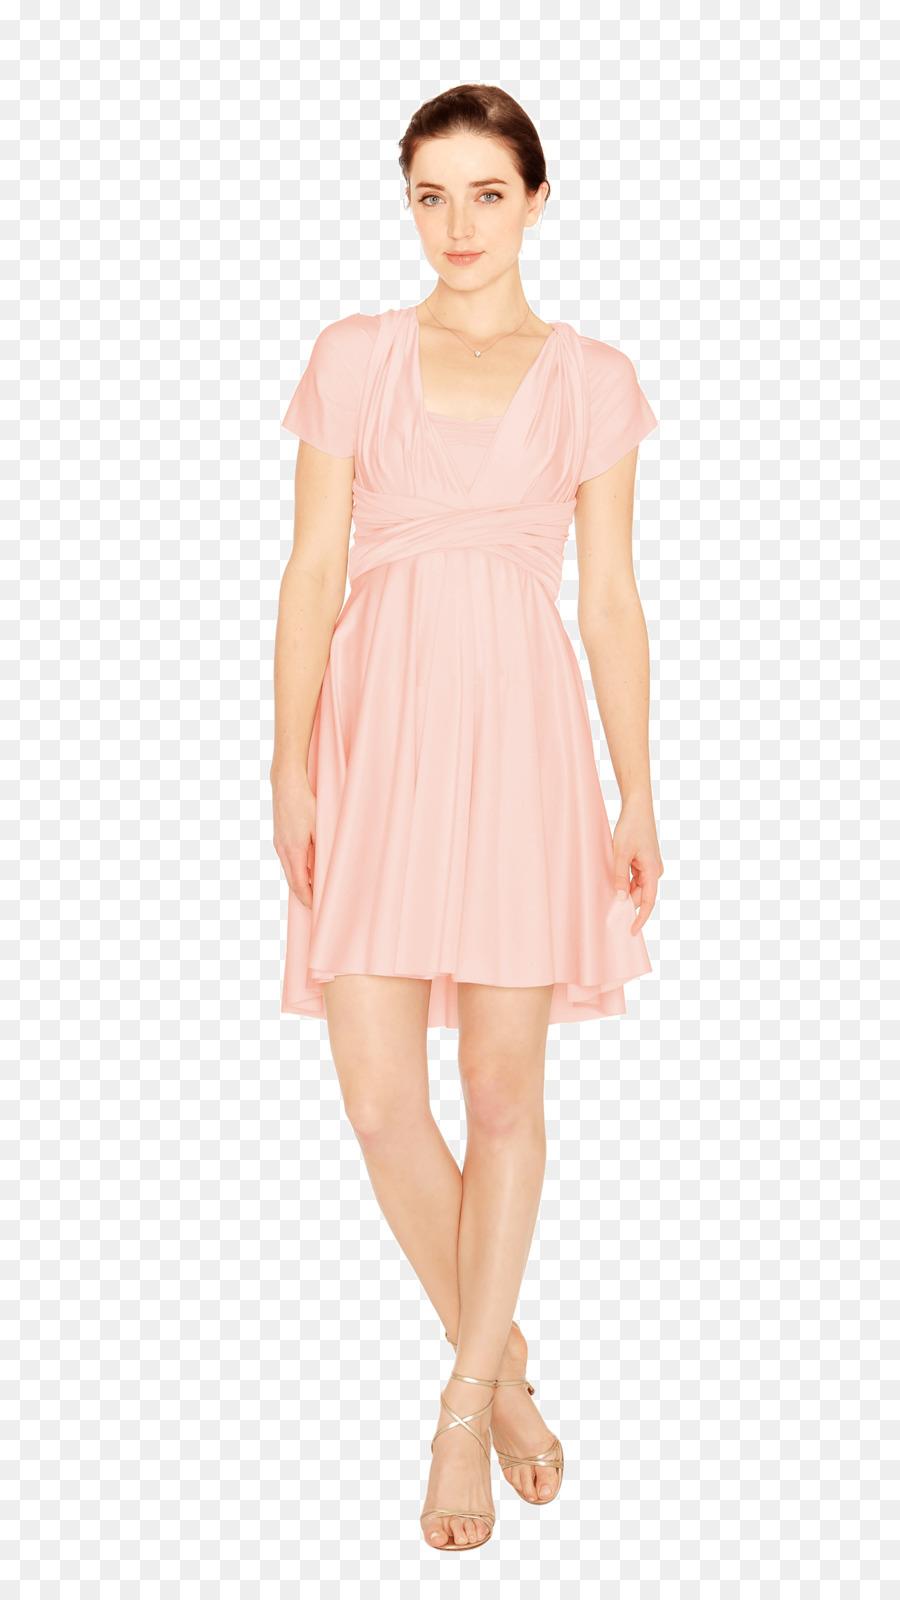 Vestido de cóctel T-shirt Ropa de Melissa Odabash - blush floral ...